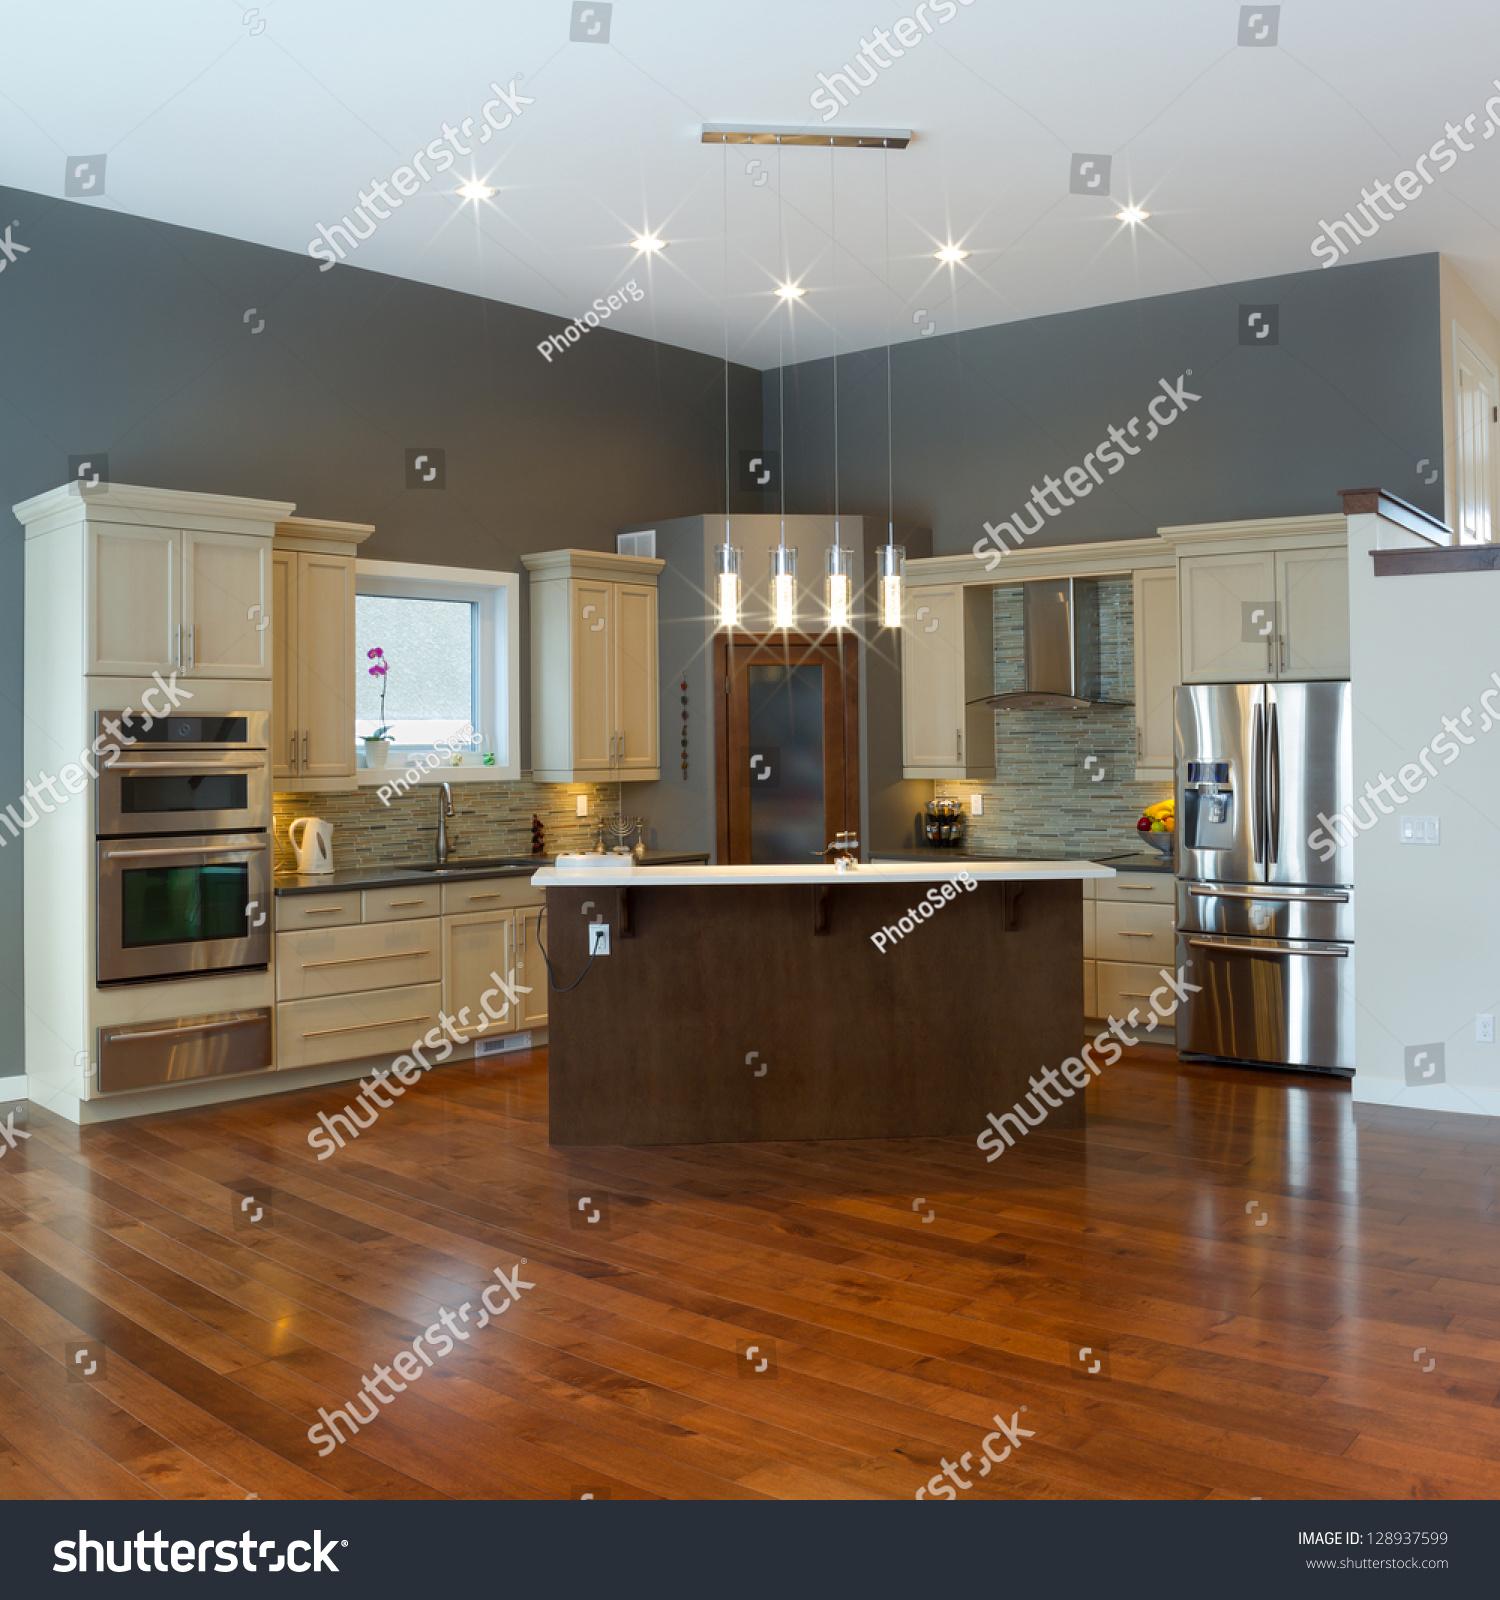 design modern kitchen interior design modern kitchen stock photo interior design decorating elegant kitchen cabinet island design ideas